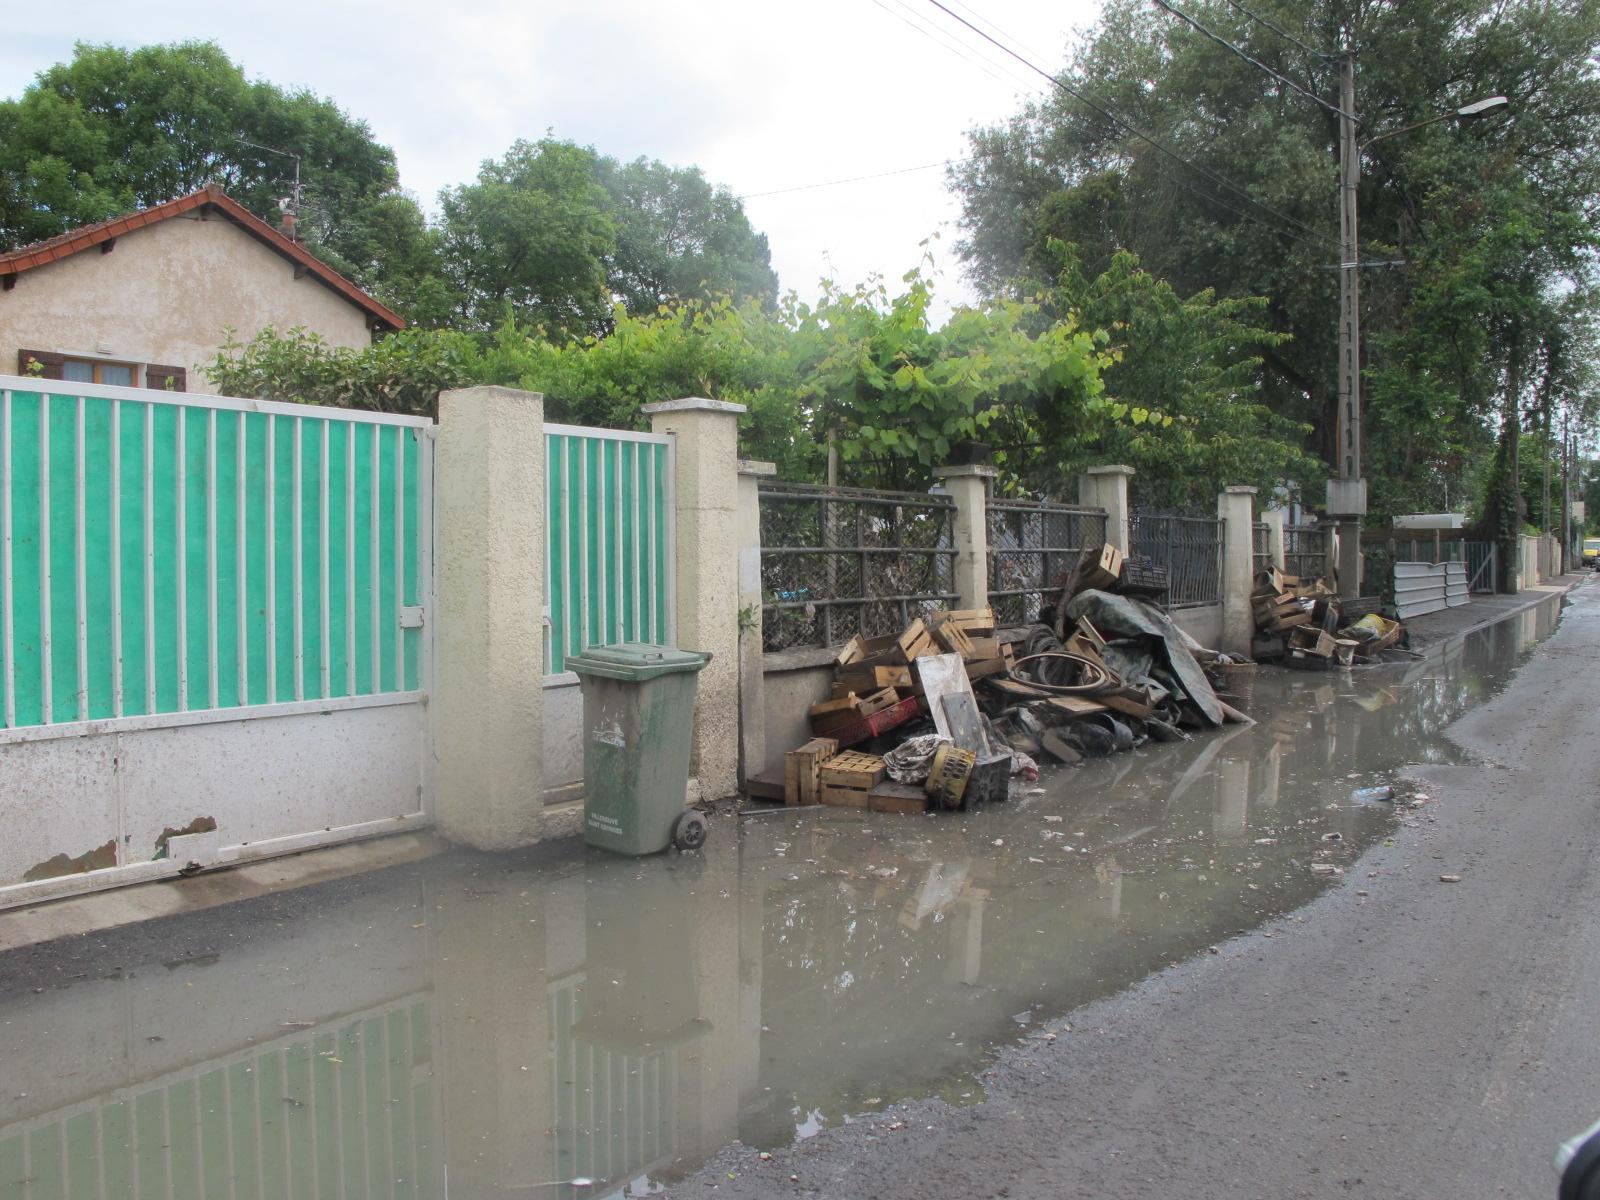 quartier blandin sinistre villeneuve saint georges (2)